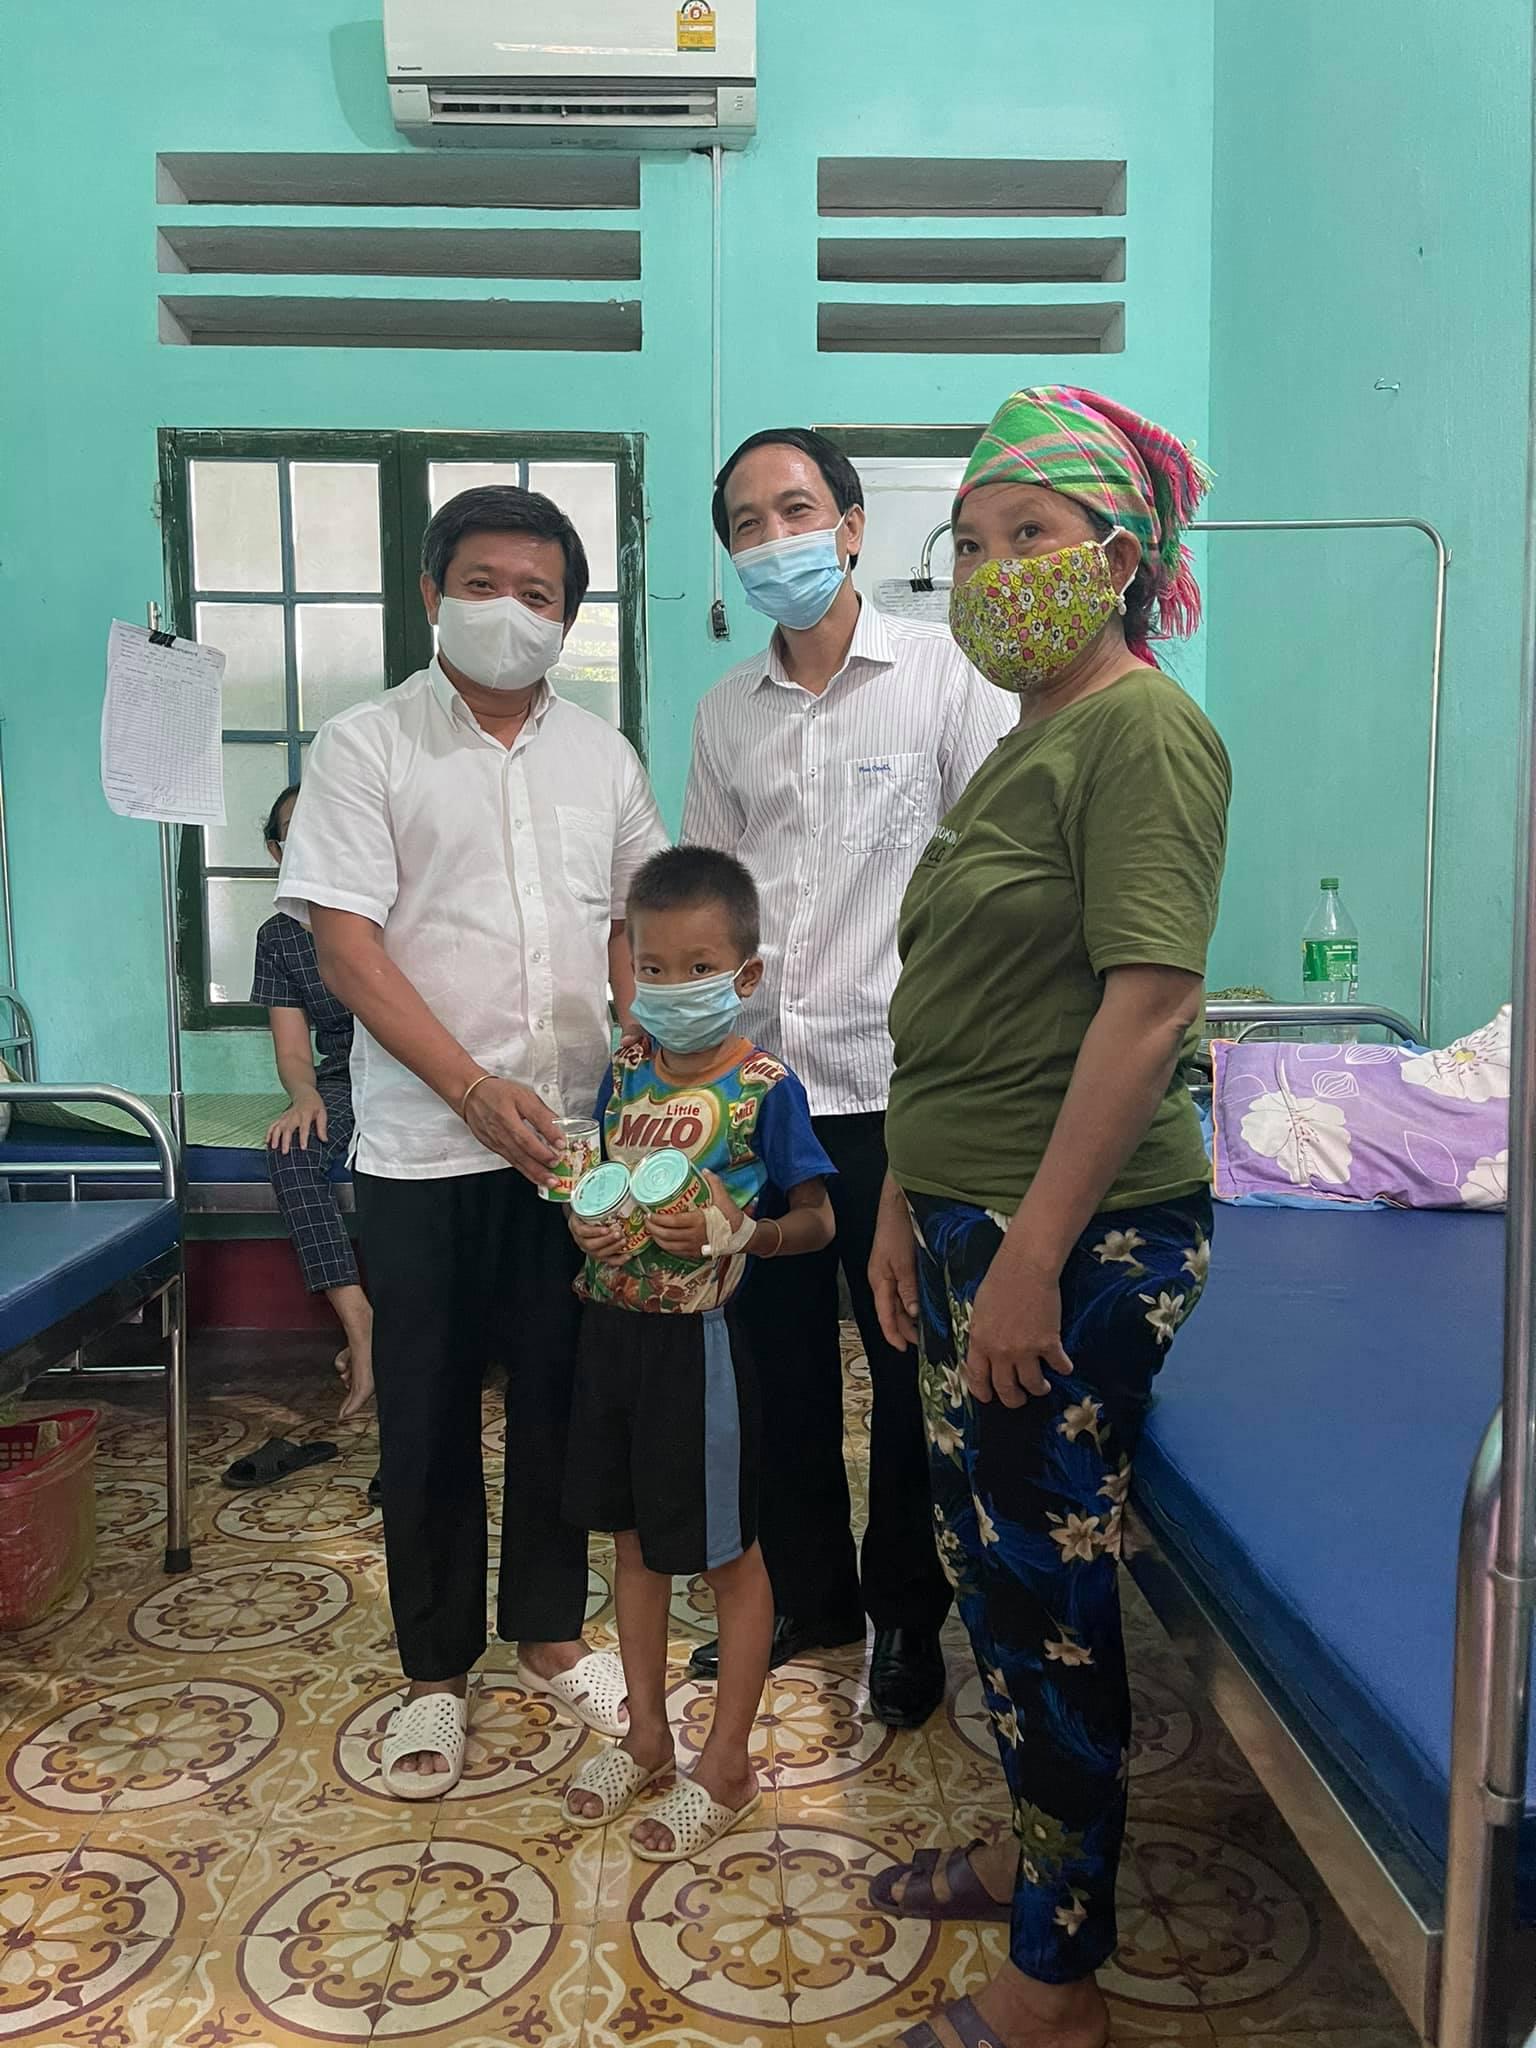 Ông Đoàn Ngọc Hải đem tặng chiếc xe cứu thương, kêu gọi quyên góp 3 tỷ để vượt qua đại dịch Covid-19 5